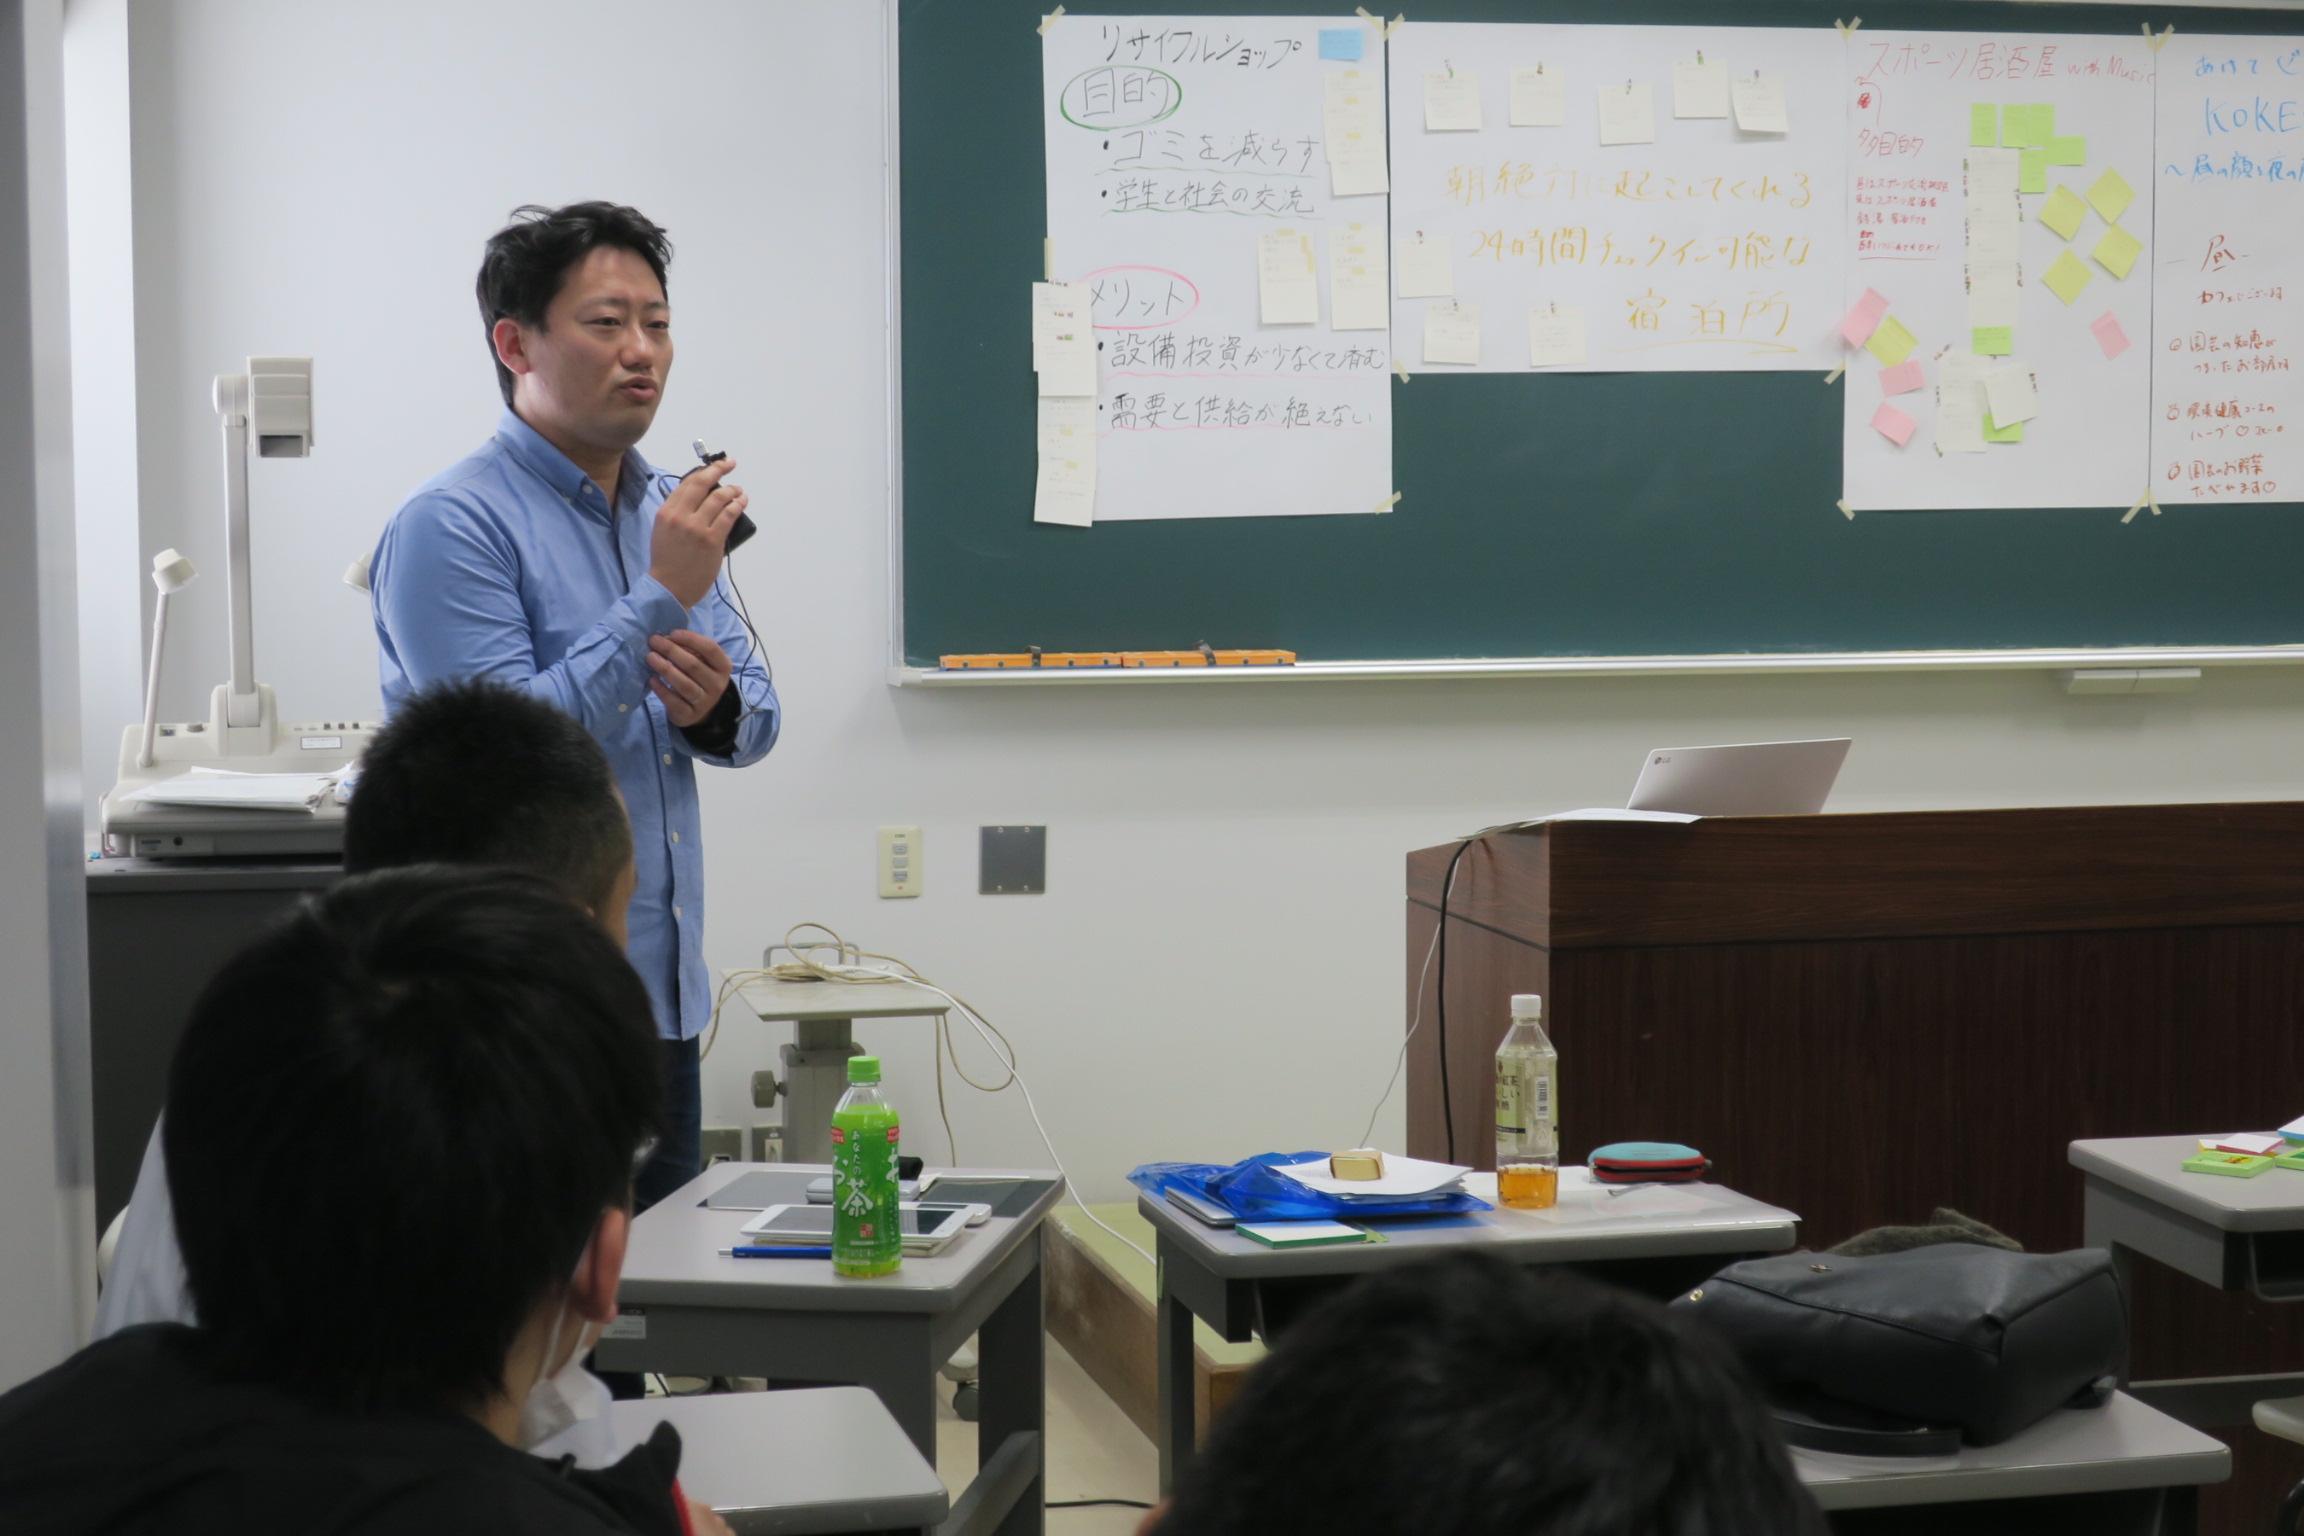 株式会社まちづクリエイティブ代表取締役・寺井元一